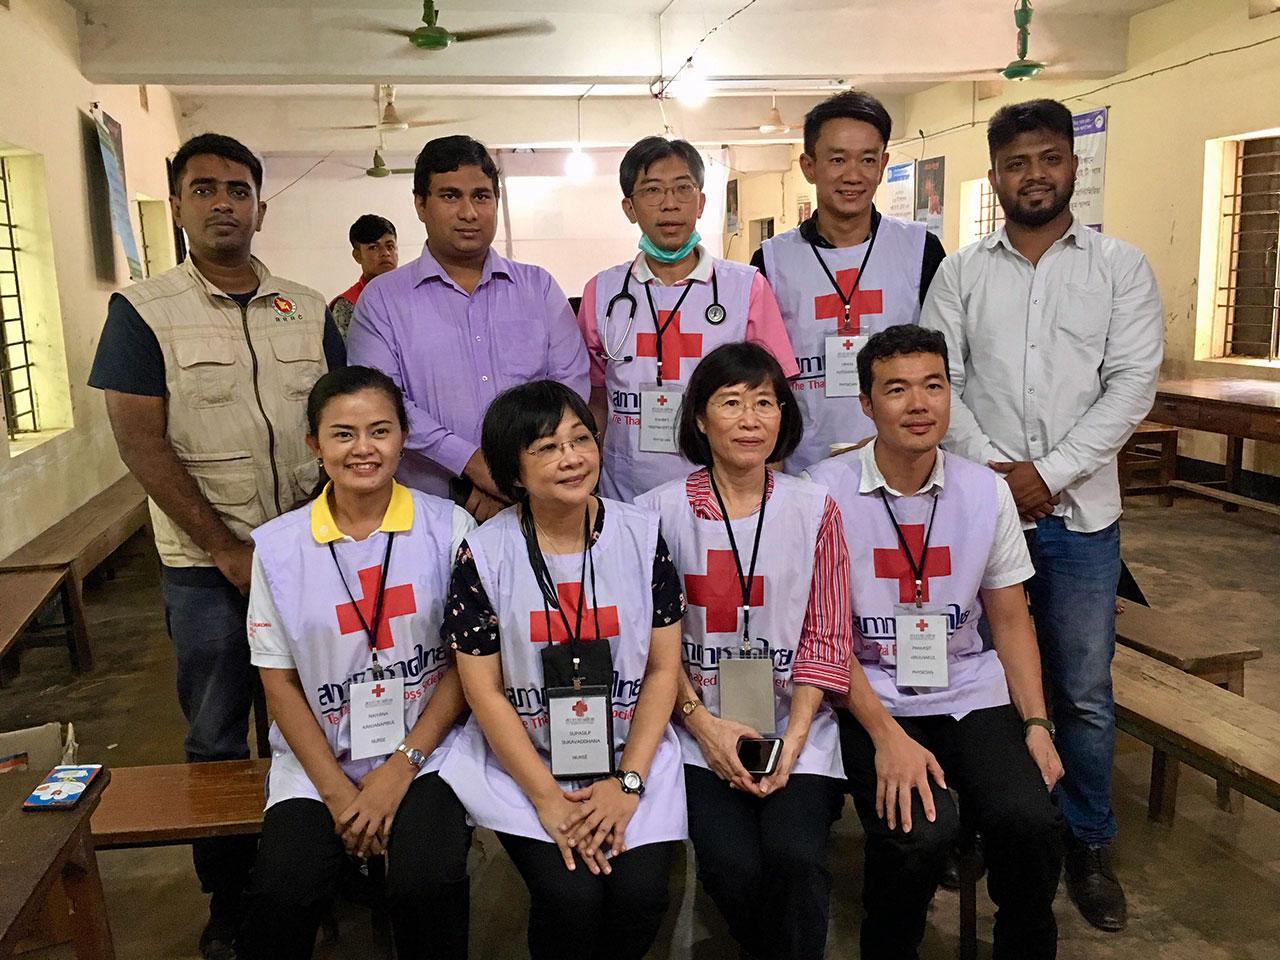 ศ.ดร.นพ.สมบัติ ตรีประเสริฐสุข (ยืนกลาง) และทีมแพทย์ พยาบาลที่ร่วมกันทำงาน.